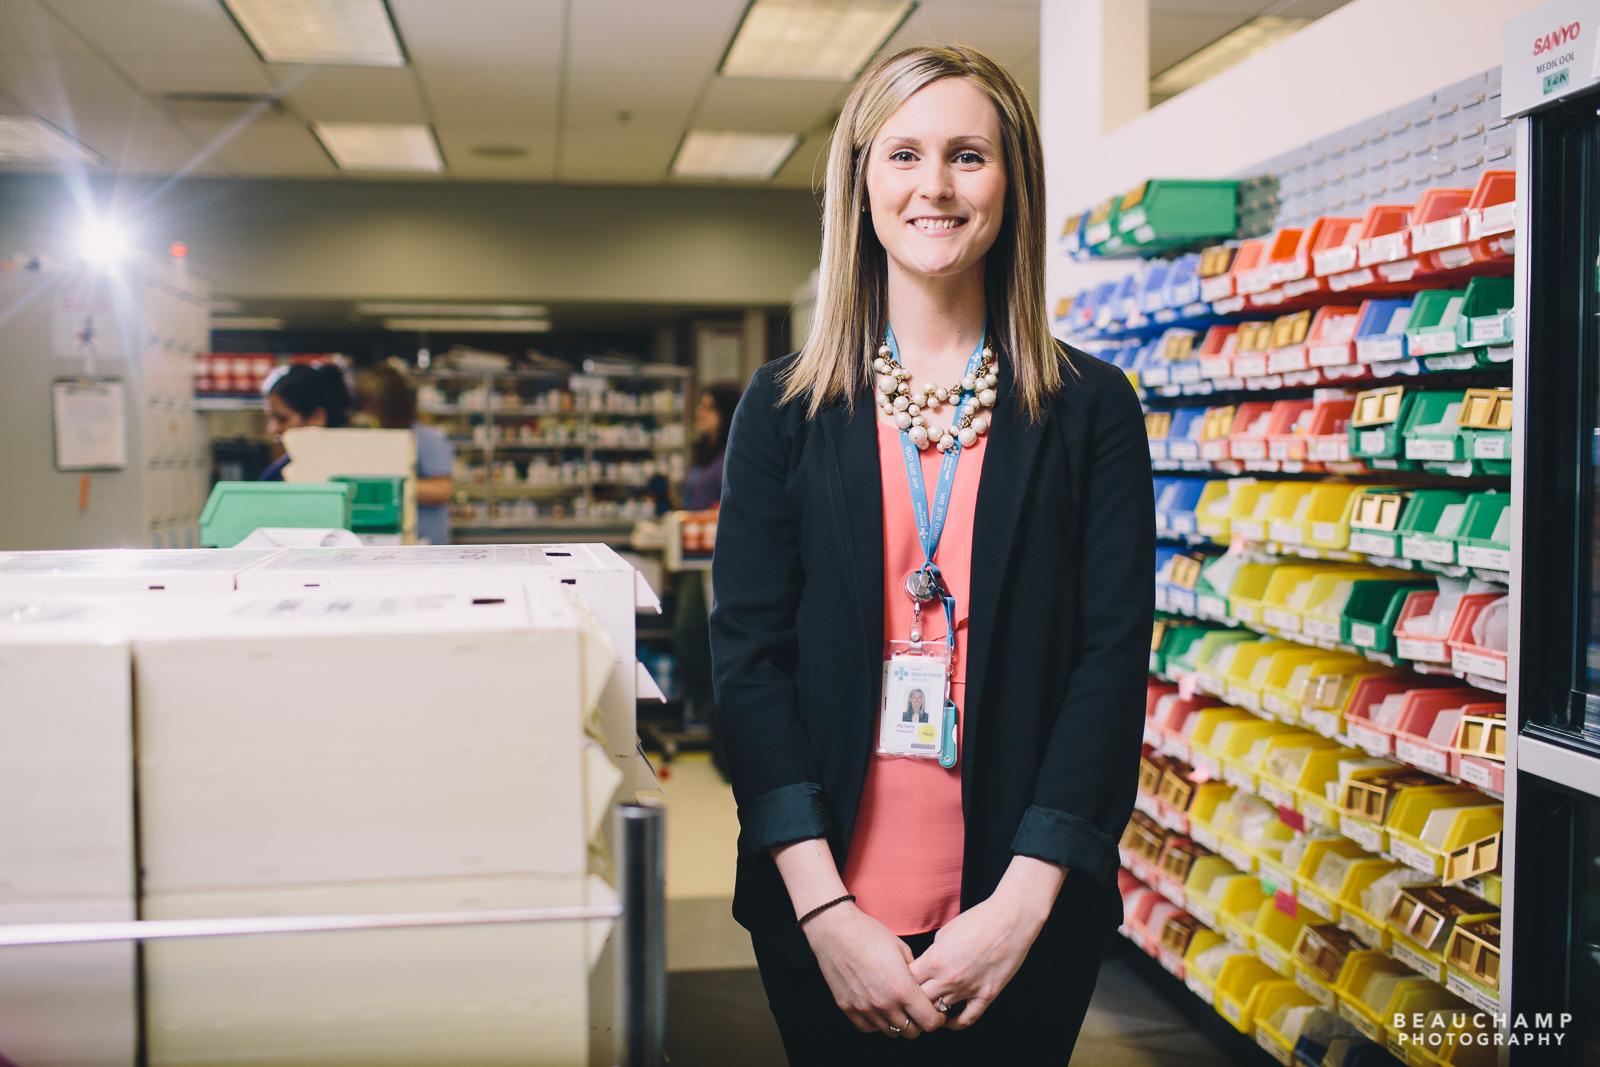 Pharmacist Portraits Feb. 2015 - for web-02